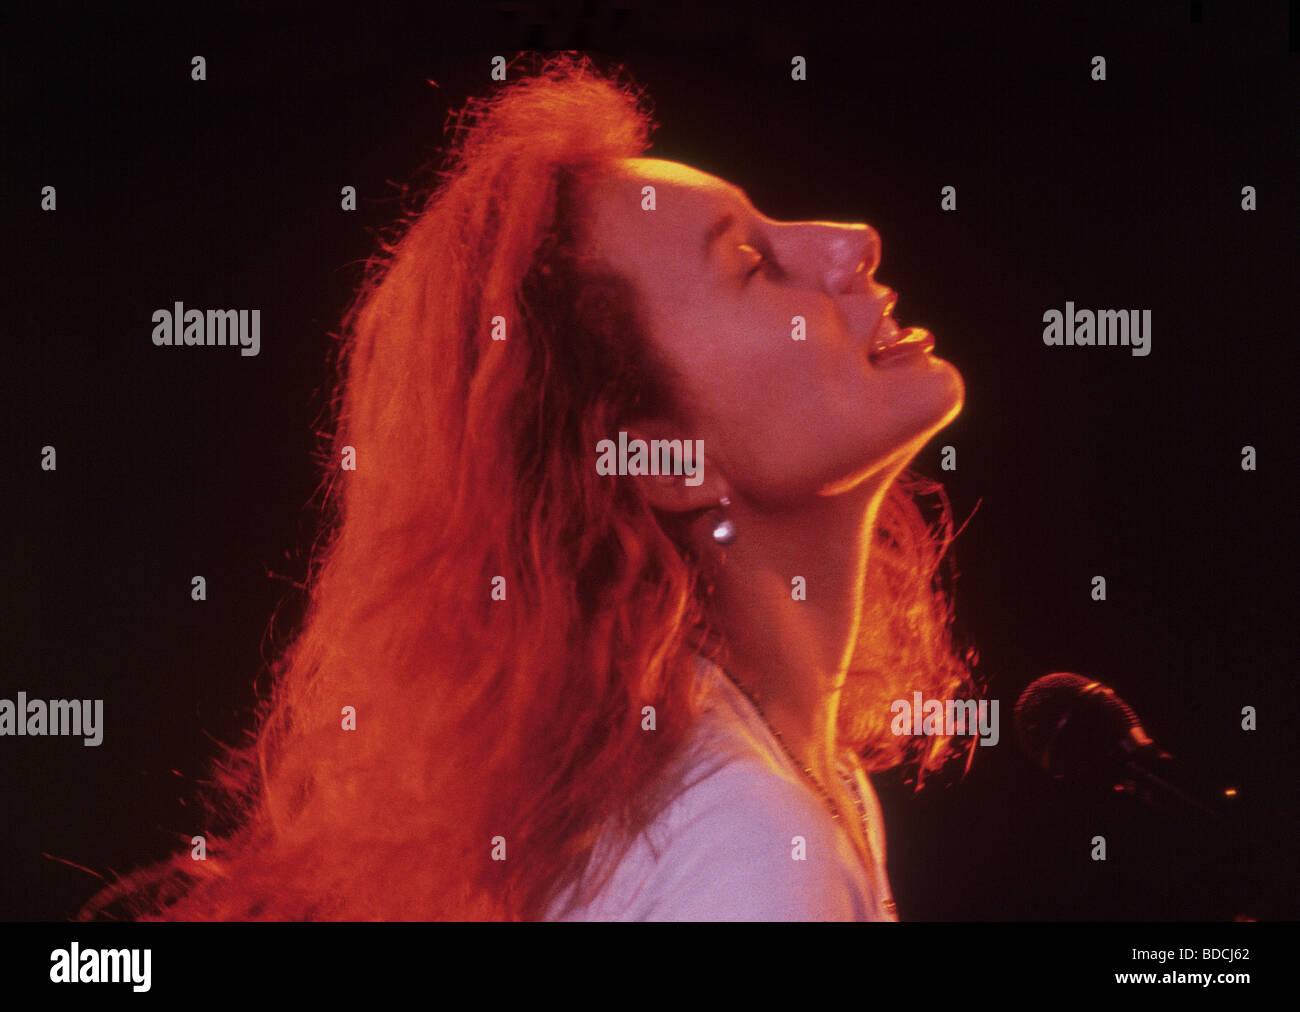 TORI AMOS -  US singer in 1994 - Stock Image